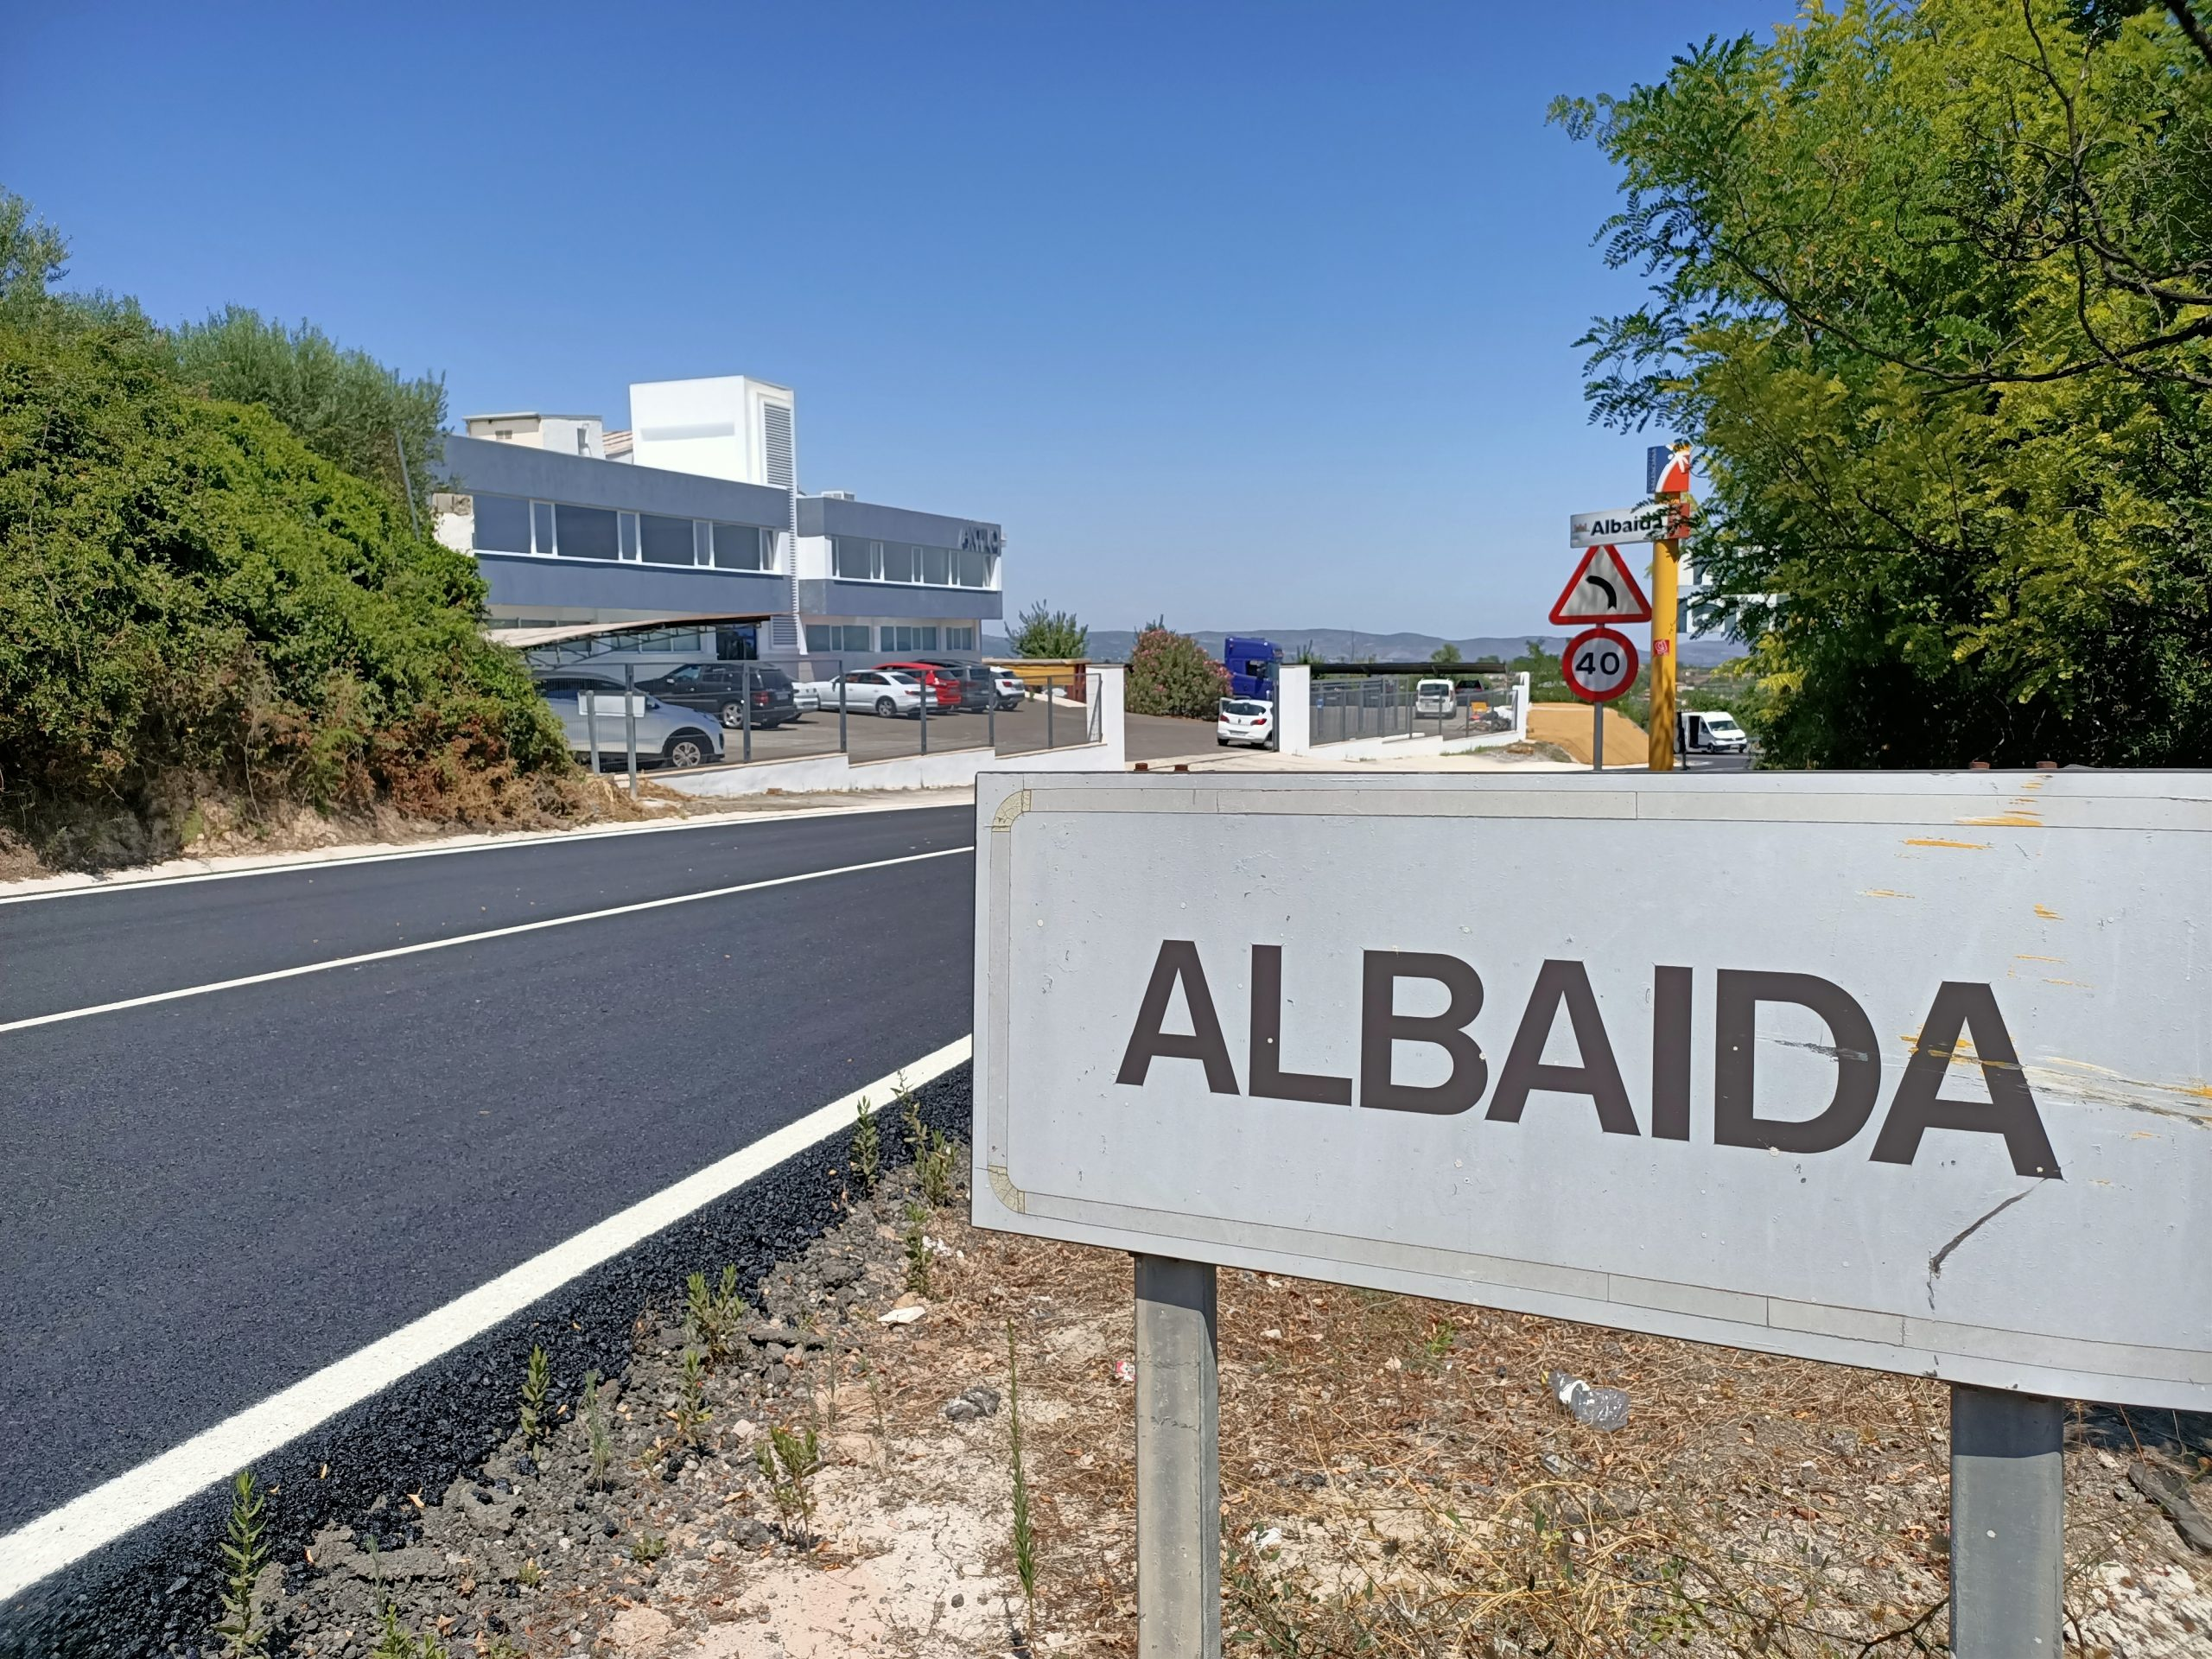 Albaida assumeix finalment dos quilòmetres de la N-340